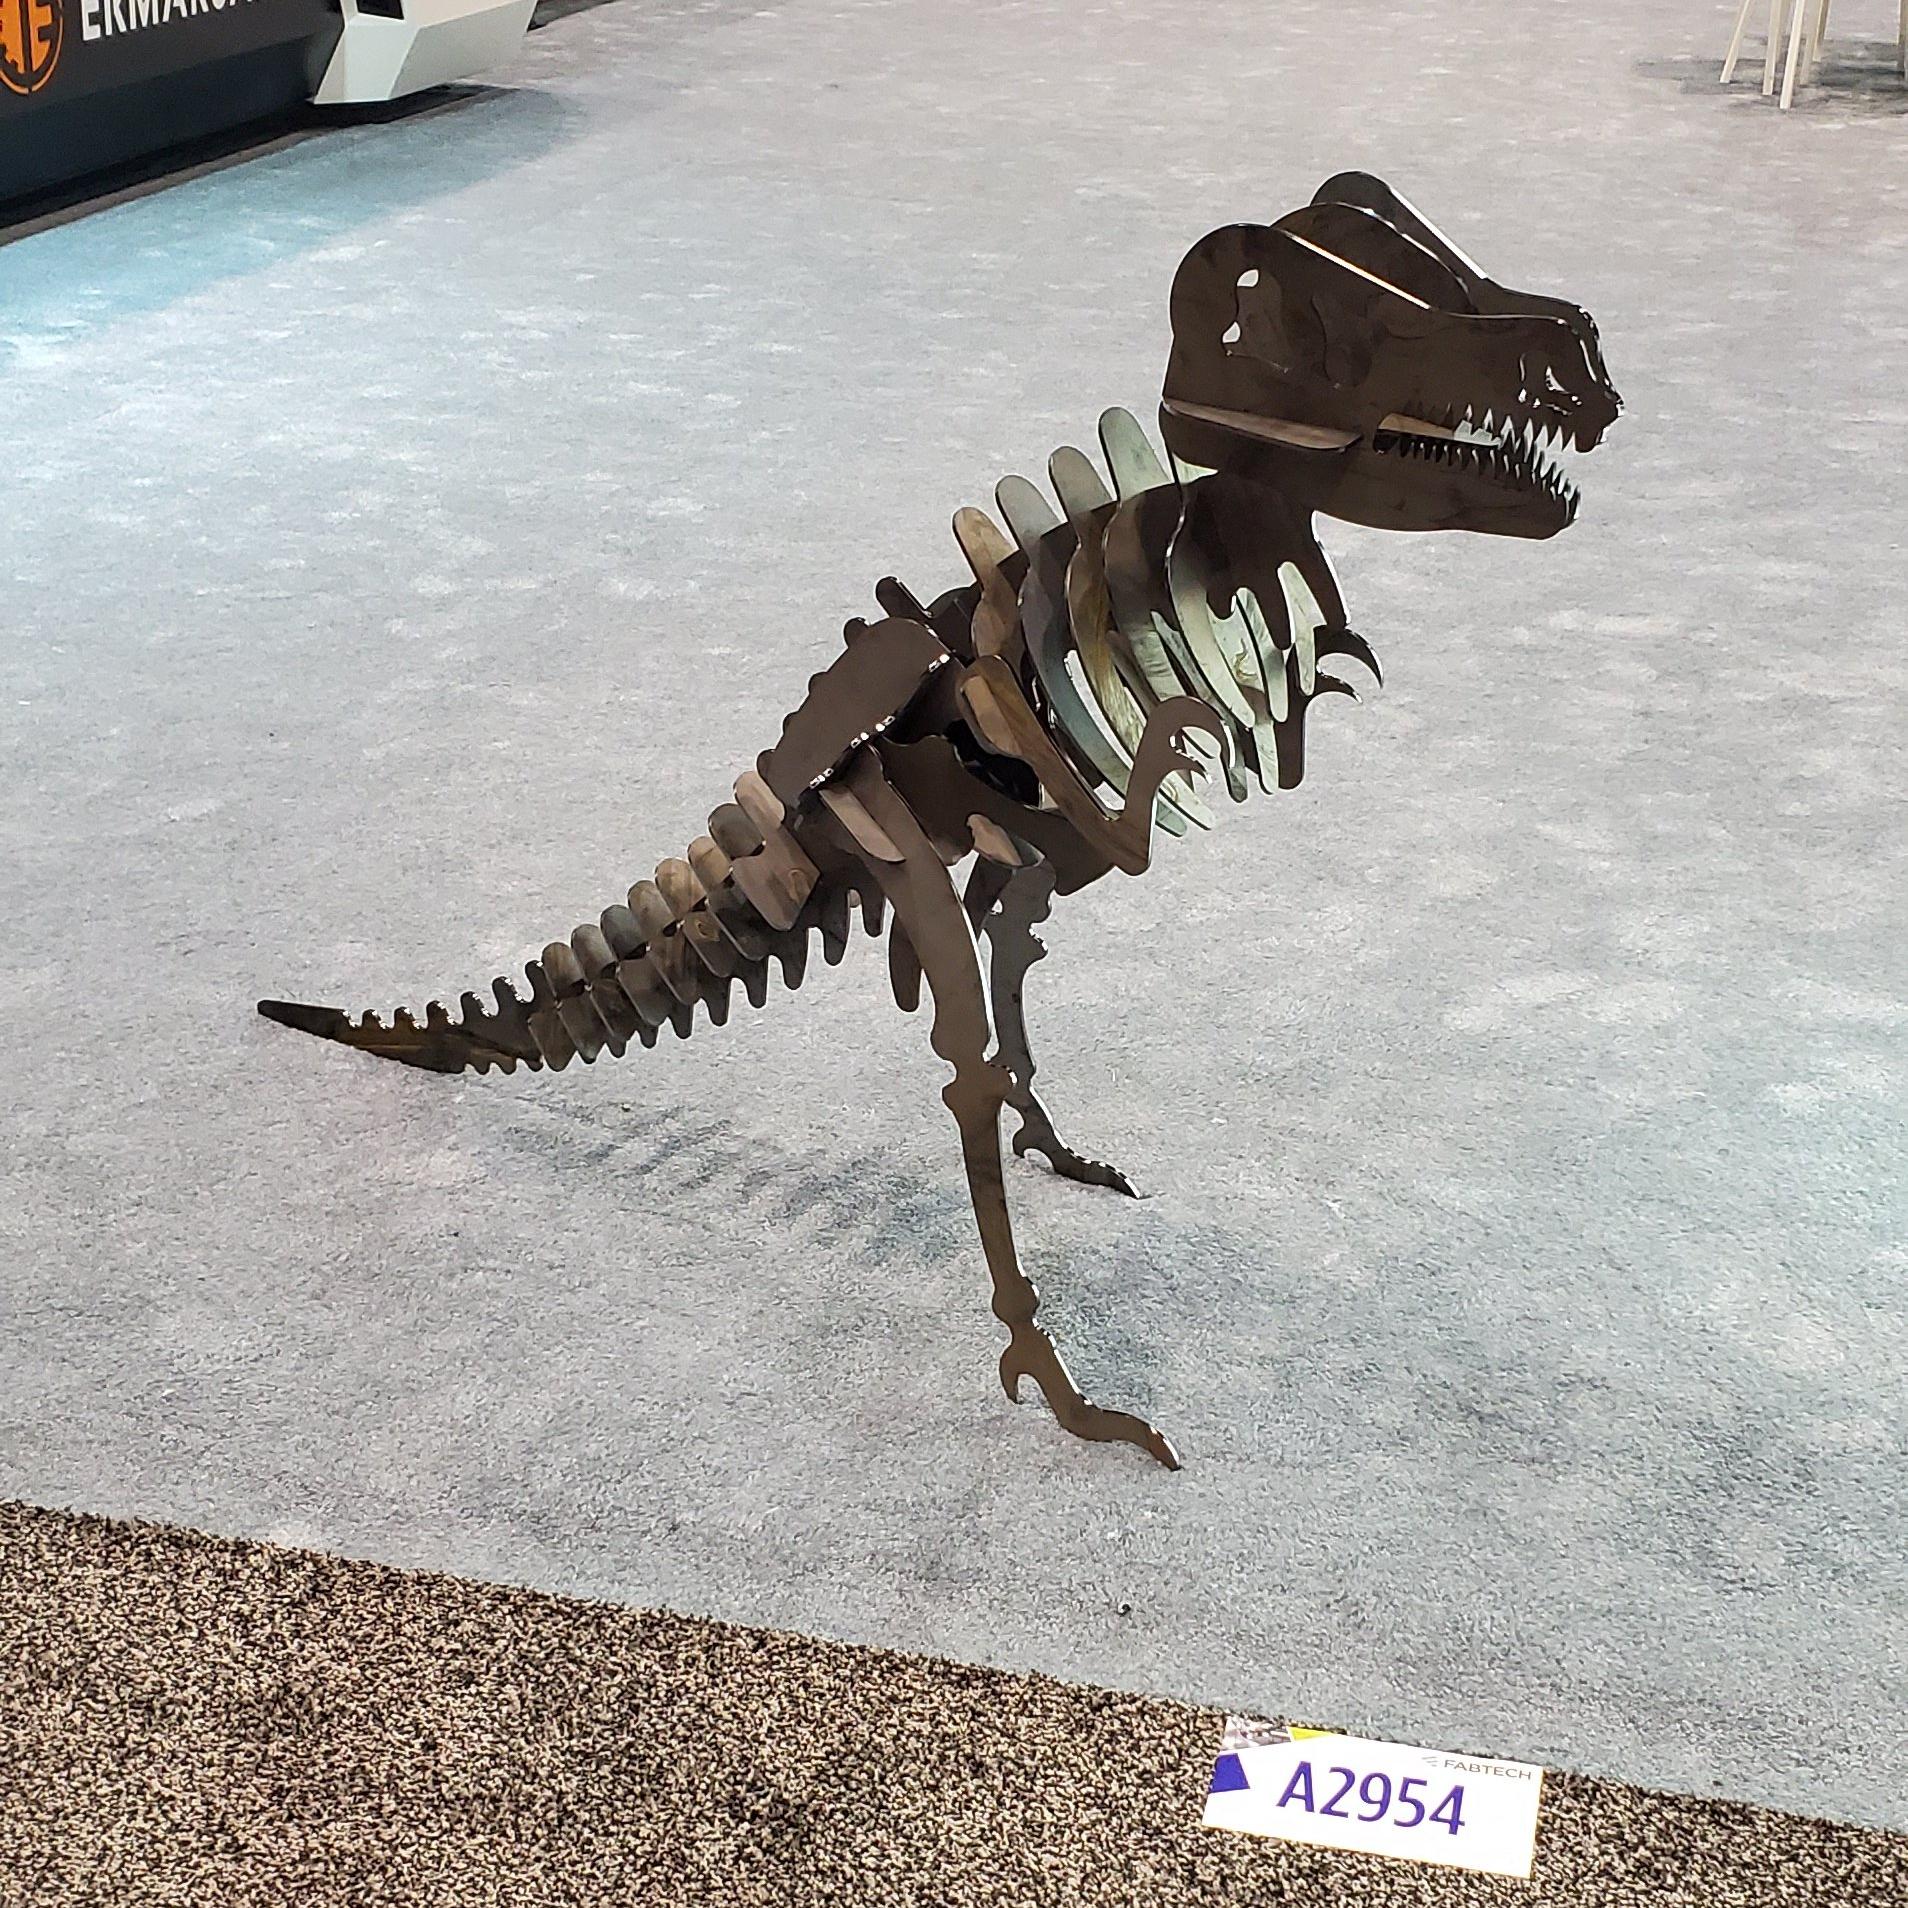 robot dinosaur FABTECH 2019